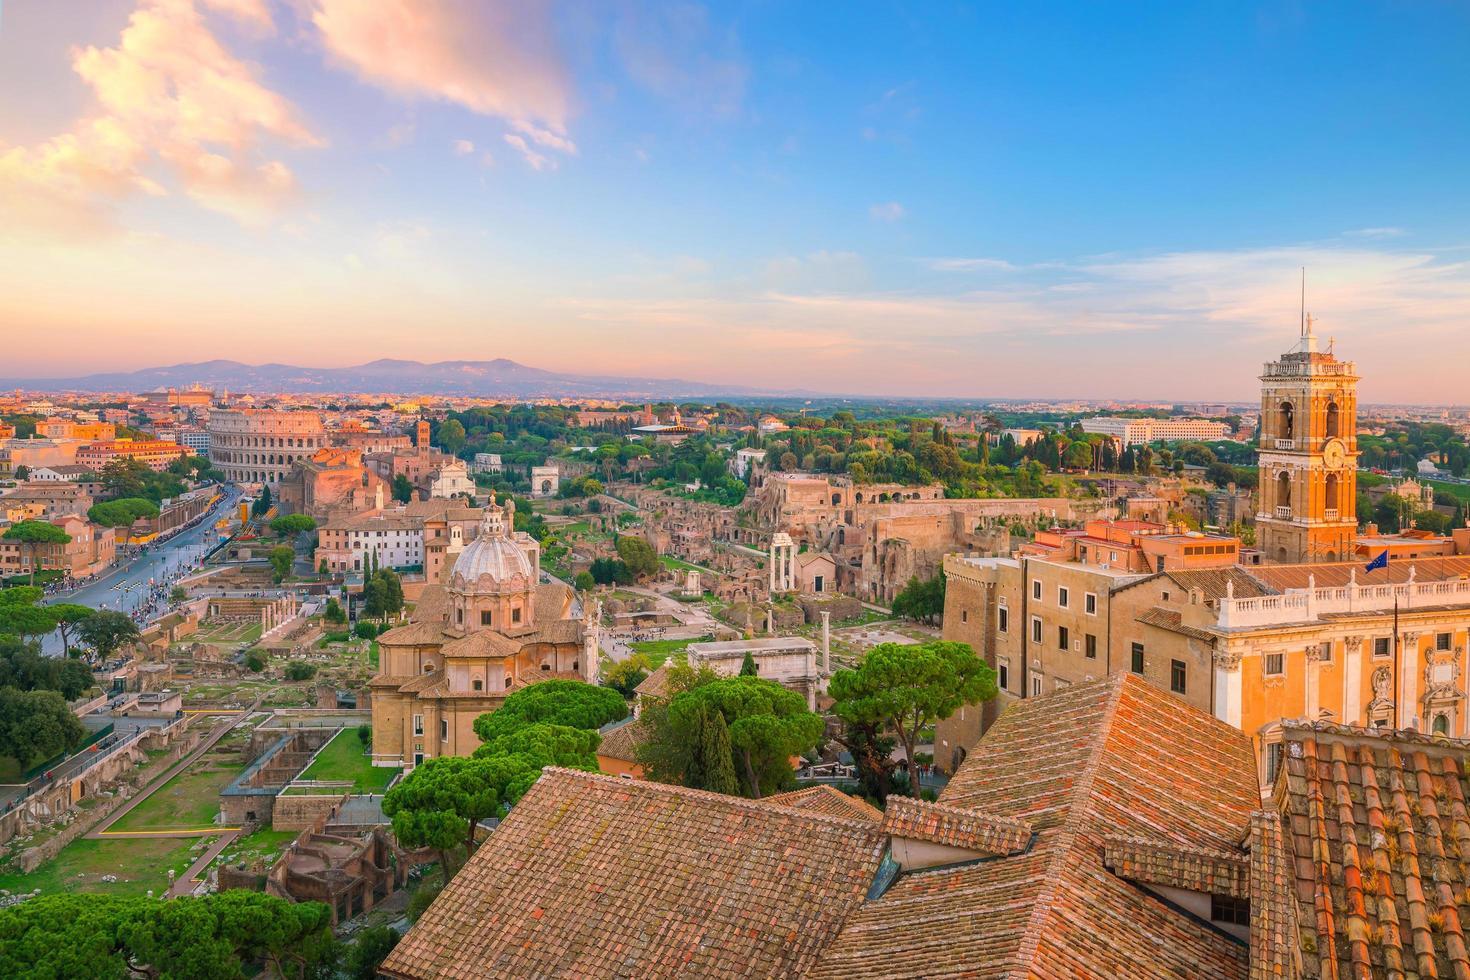 utsikt över Rom centrum vid solnedgången. foto